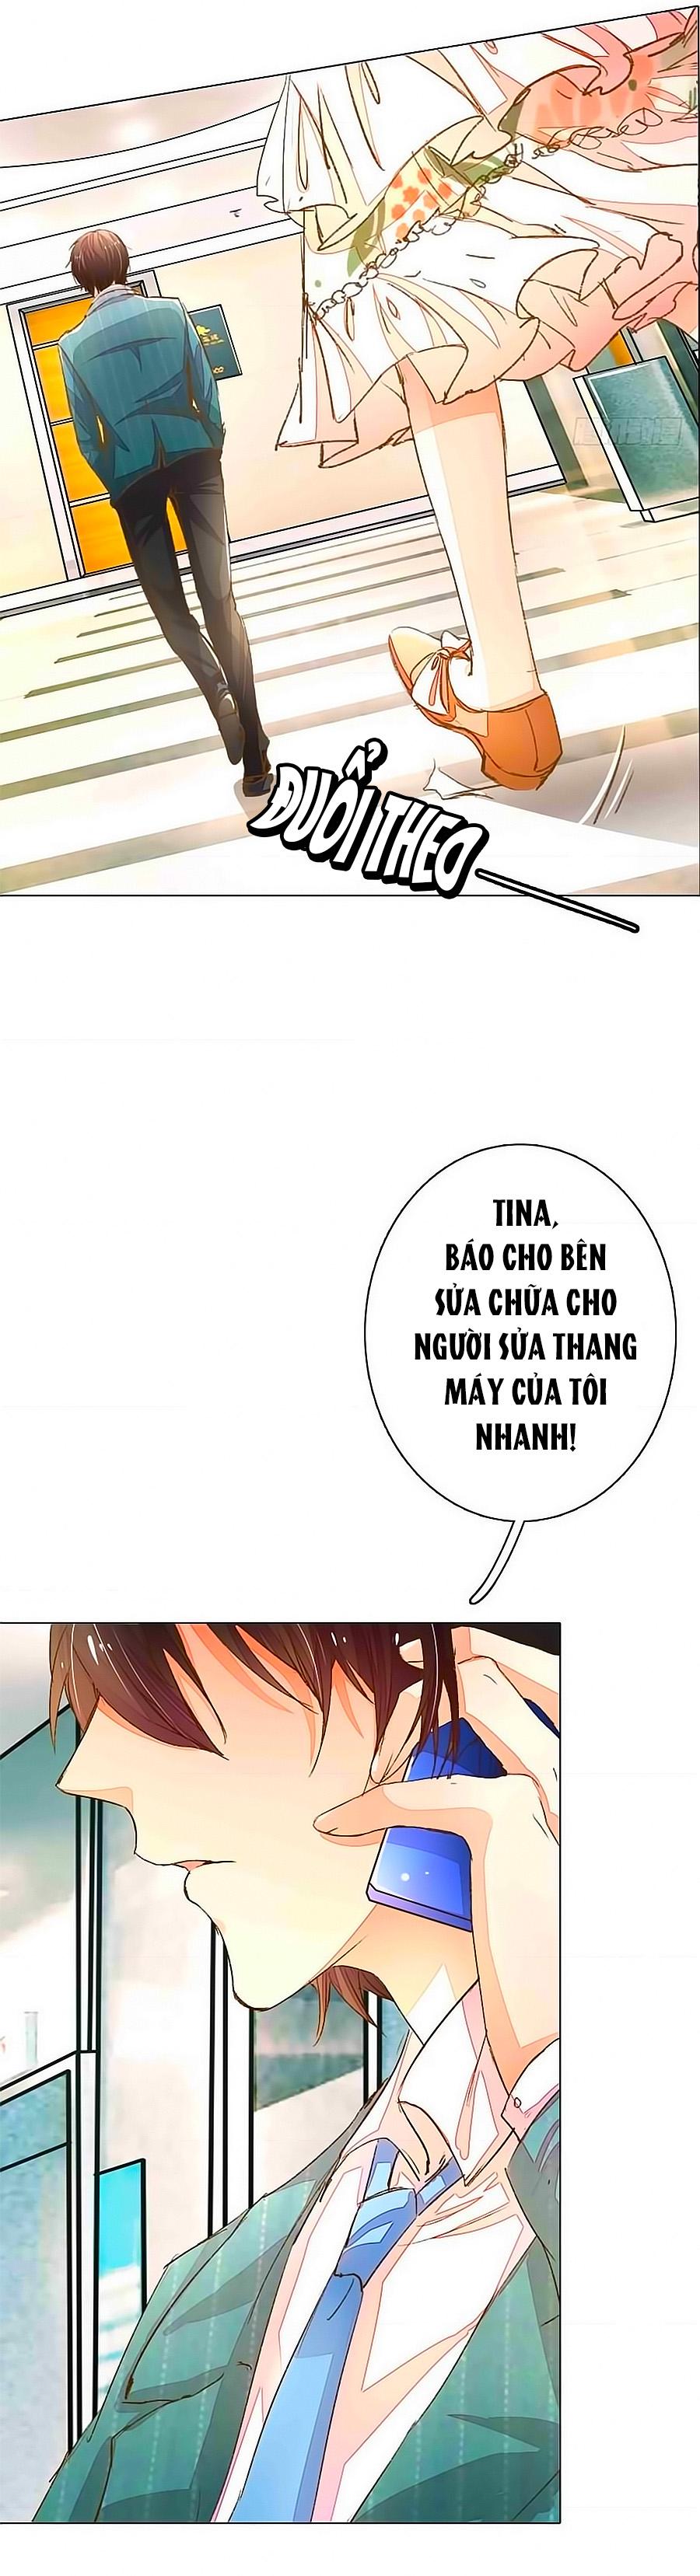 Hào Môn Tiểu Lãn Thê Chap 51 - Trang 6